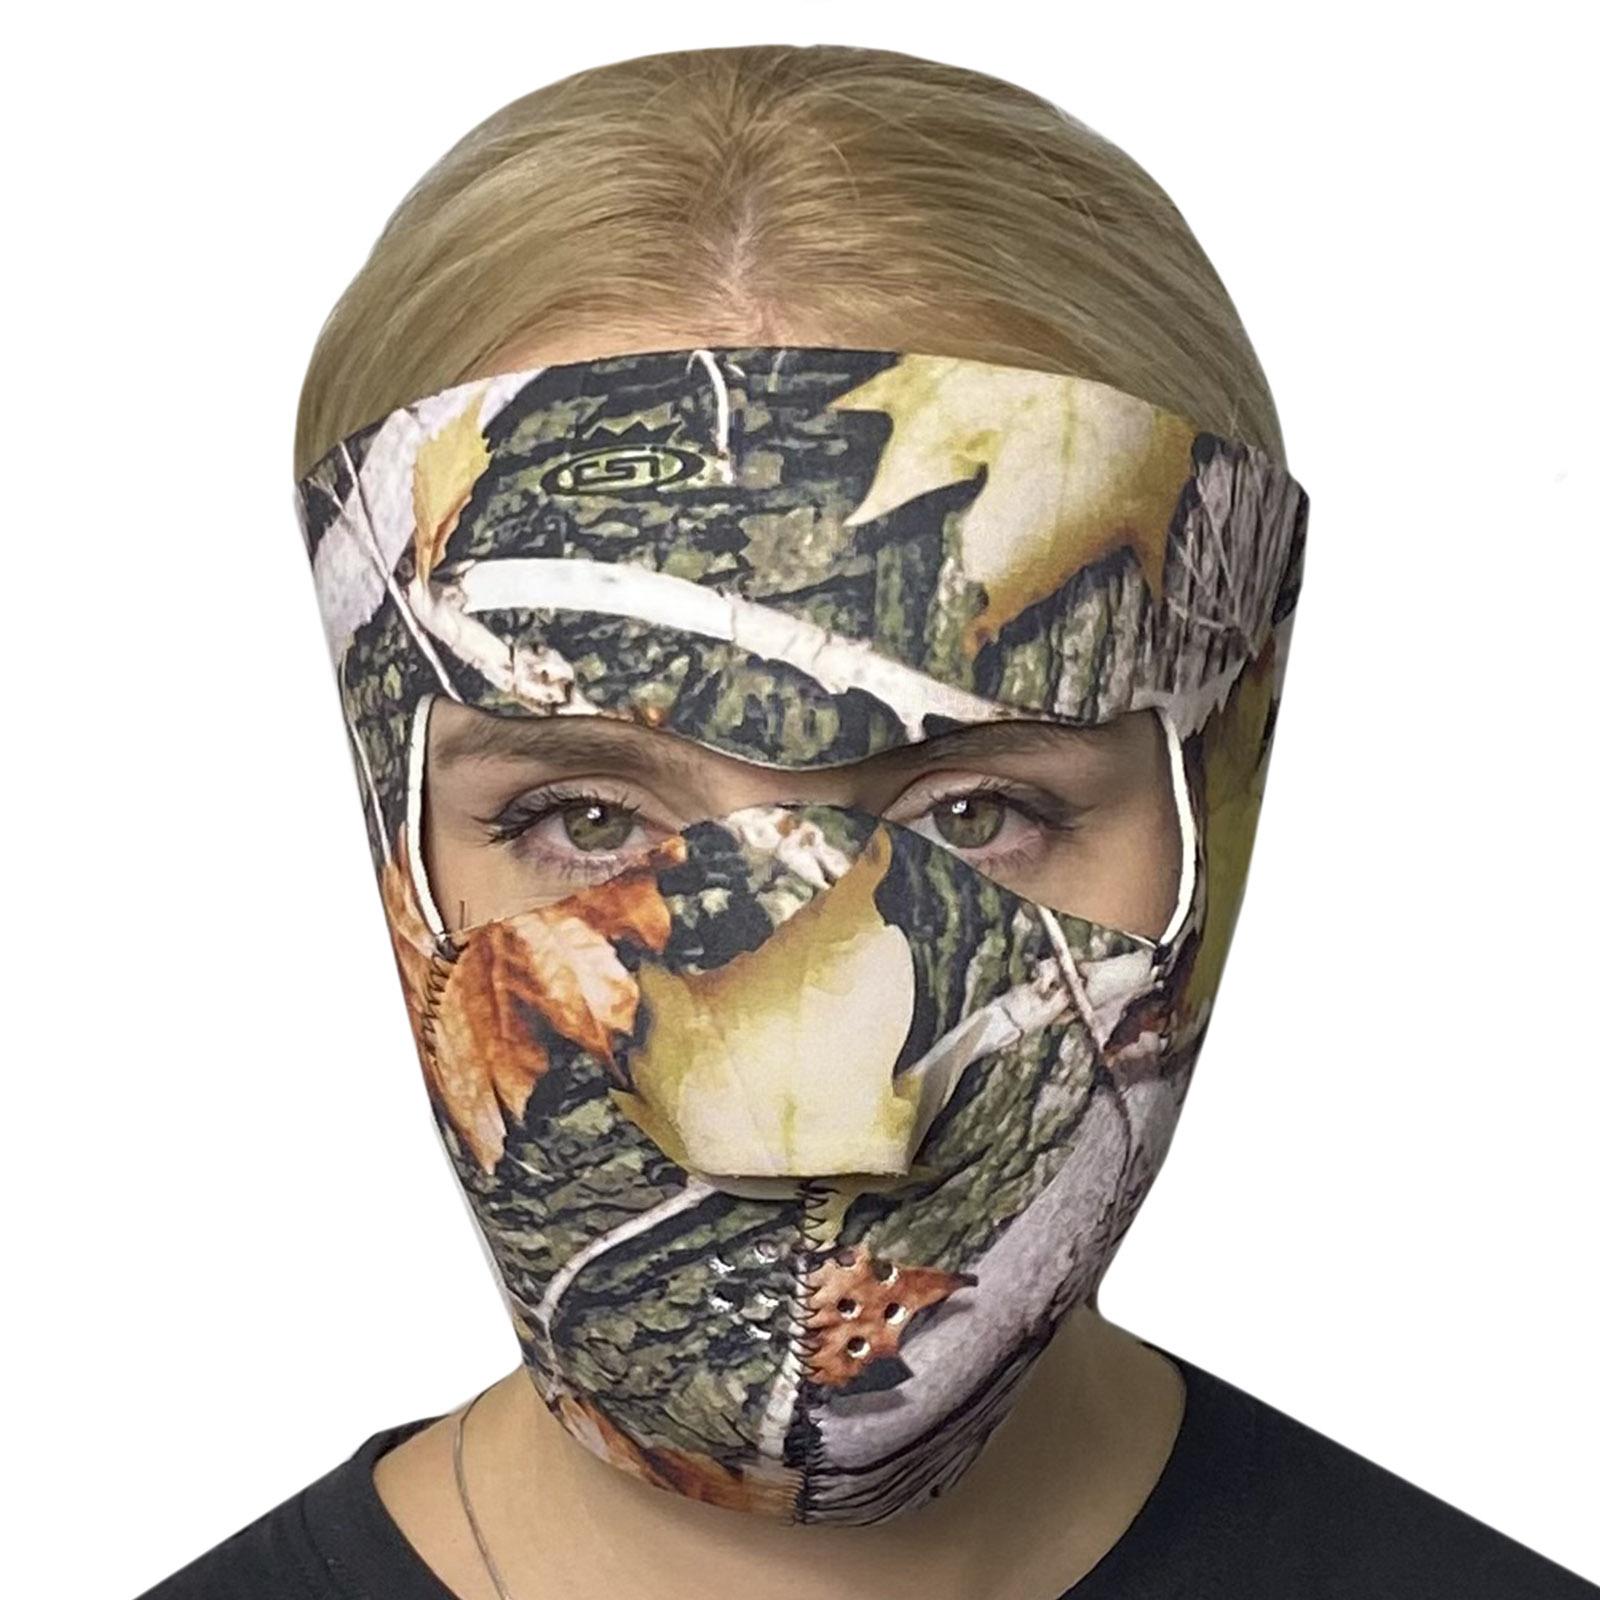 Полнолицевая медицинская маска Skulskinz Realtree Camo